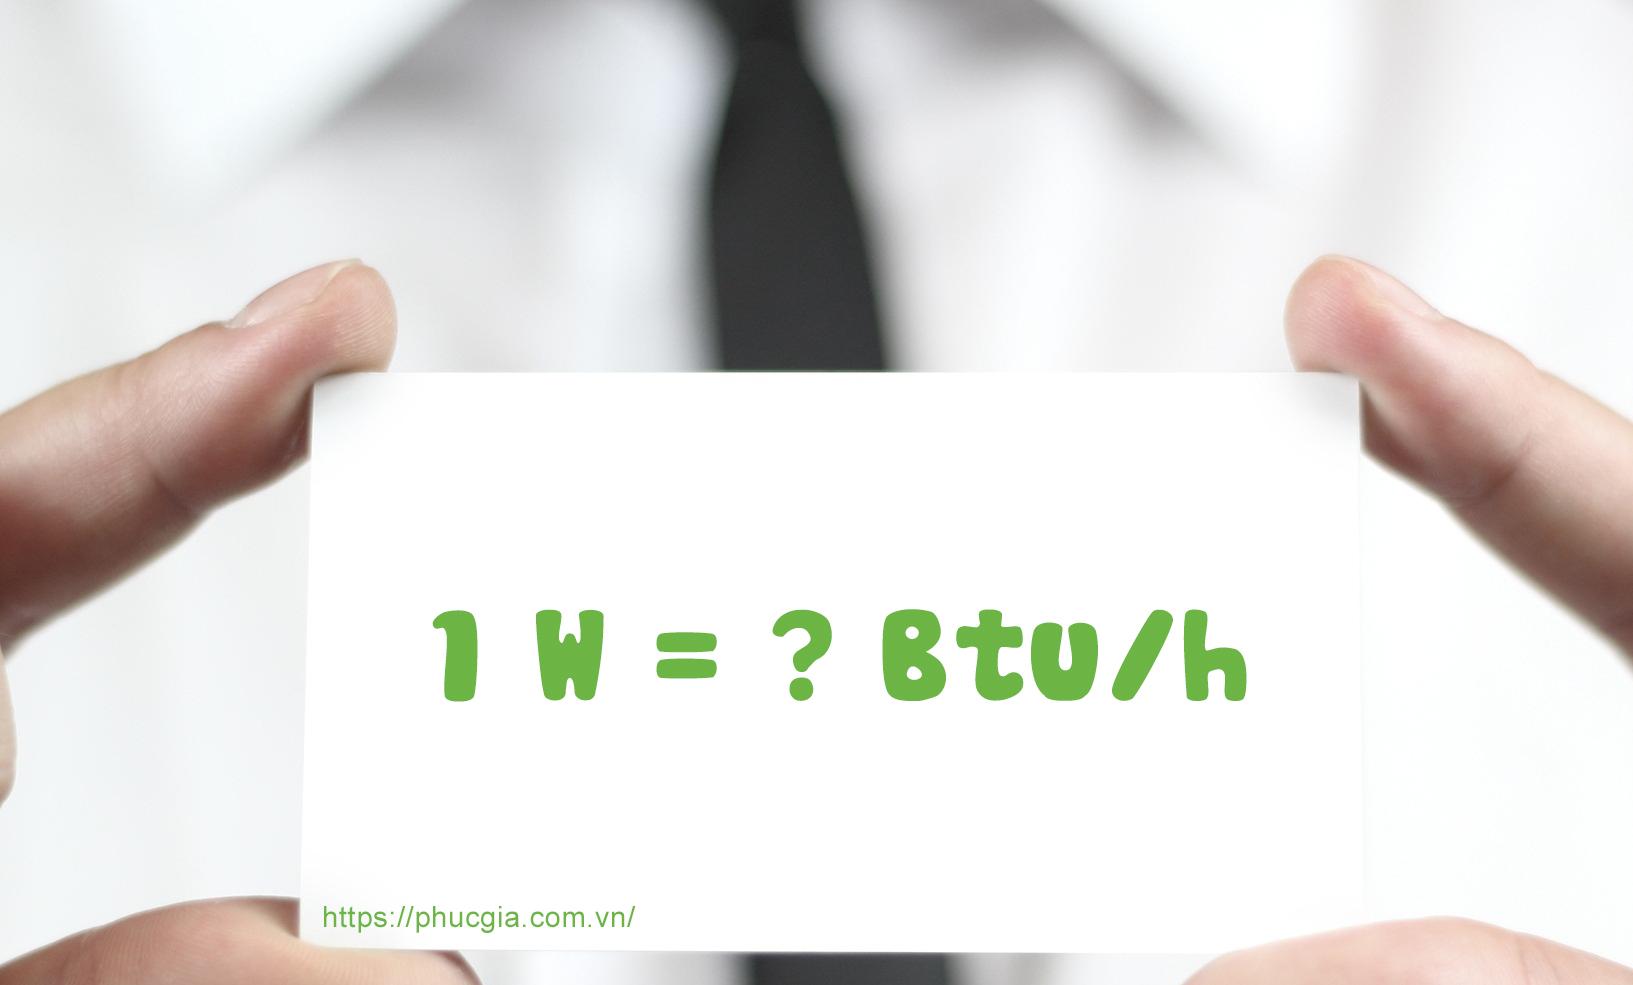 Btu và W là gì?